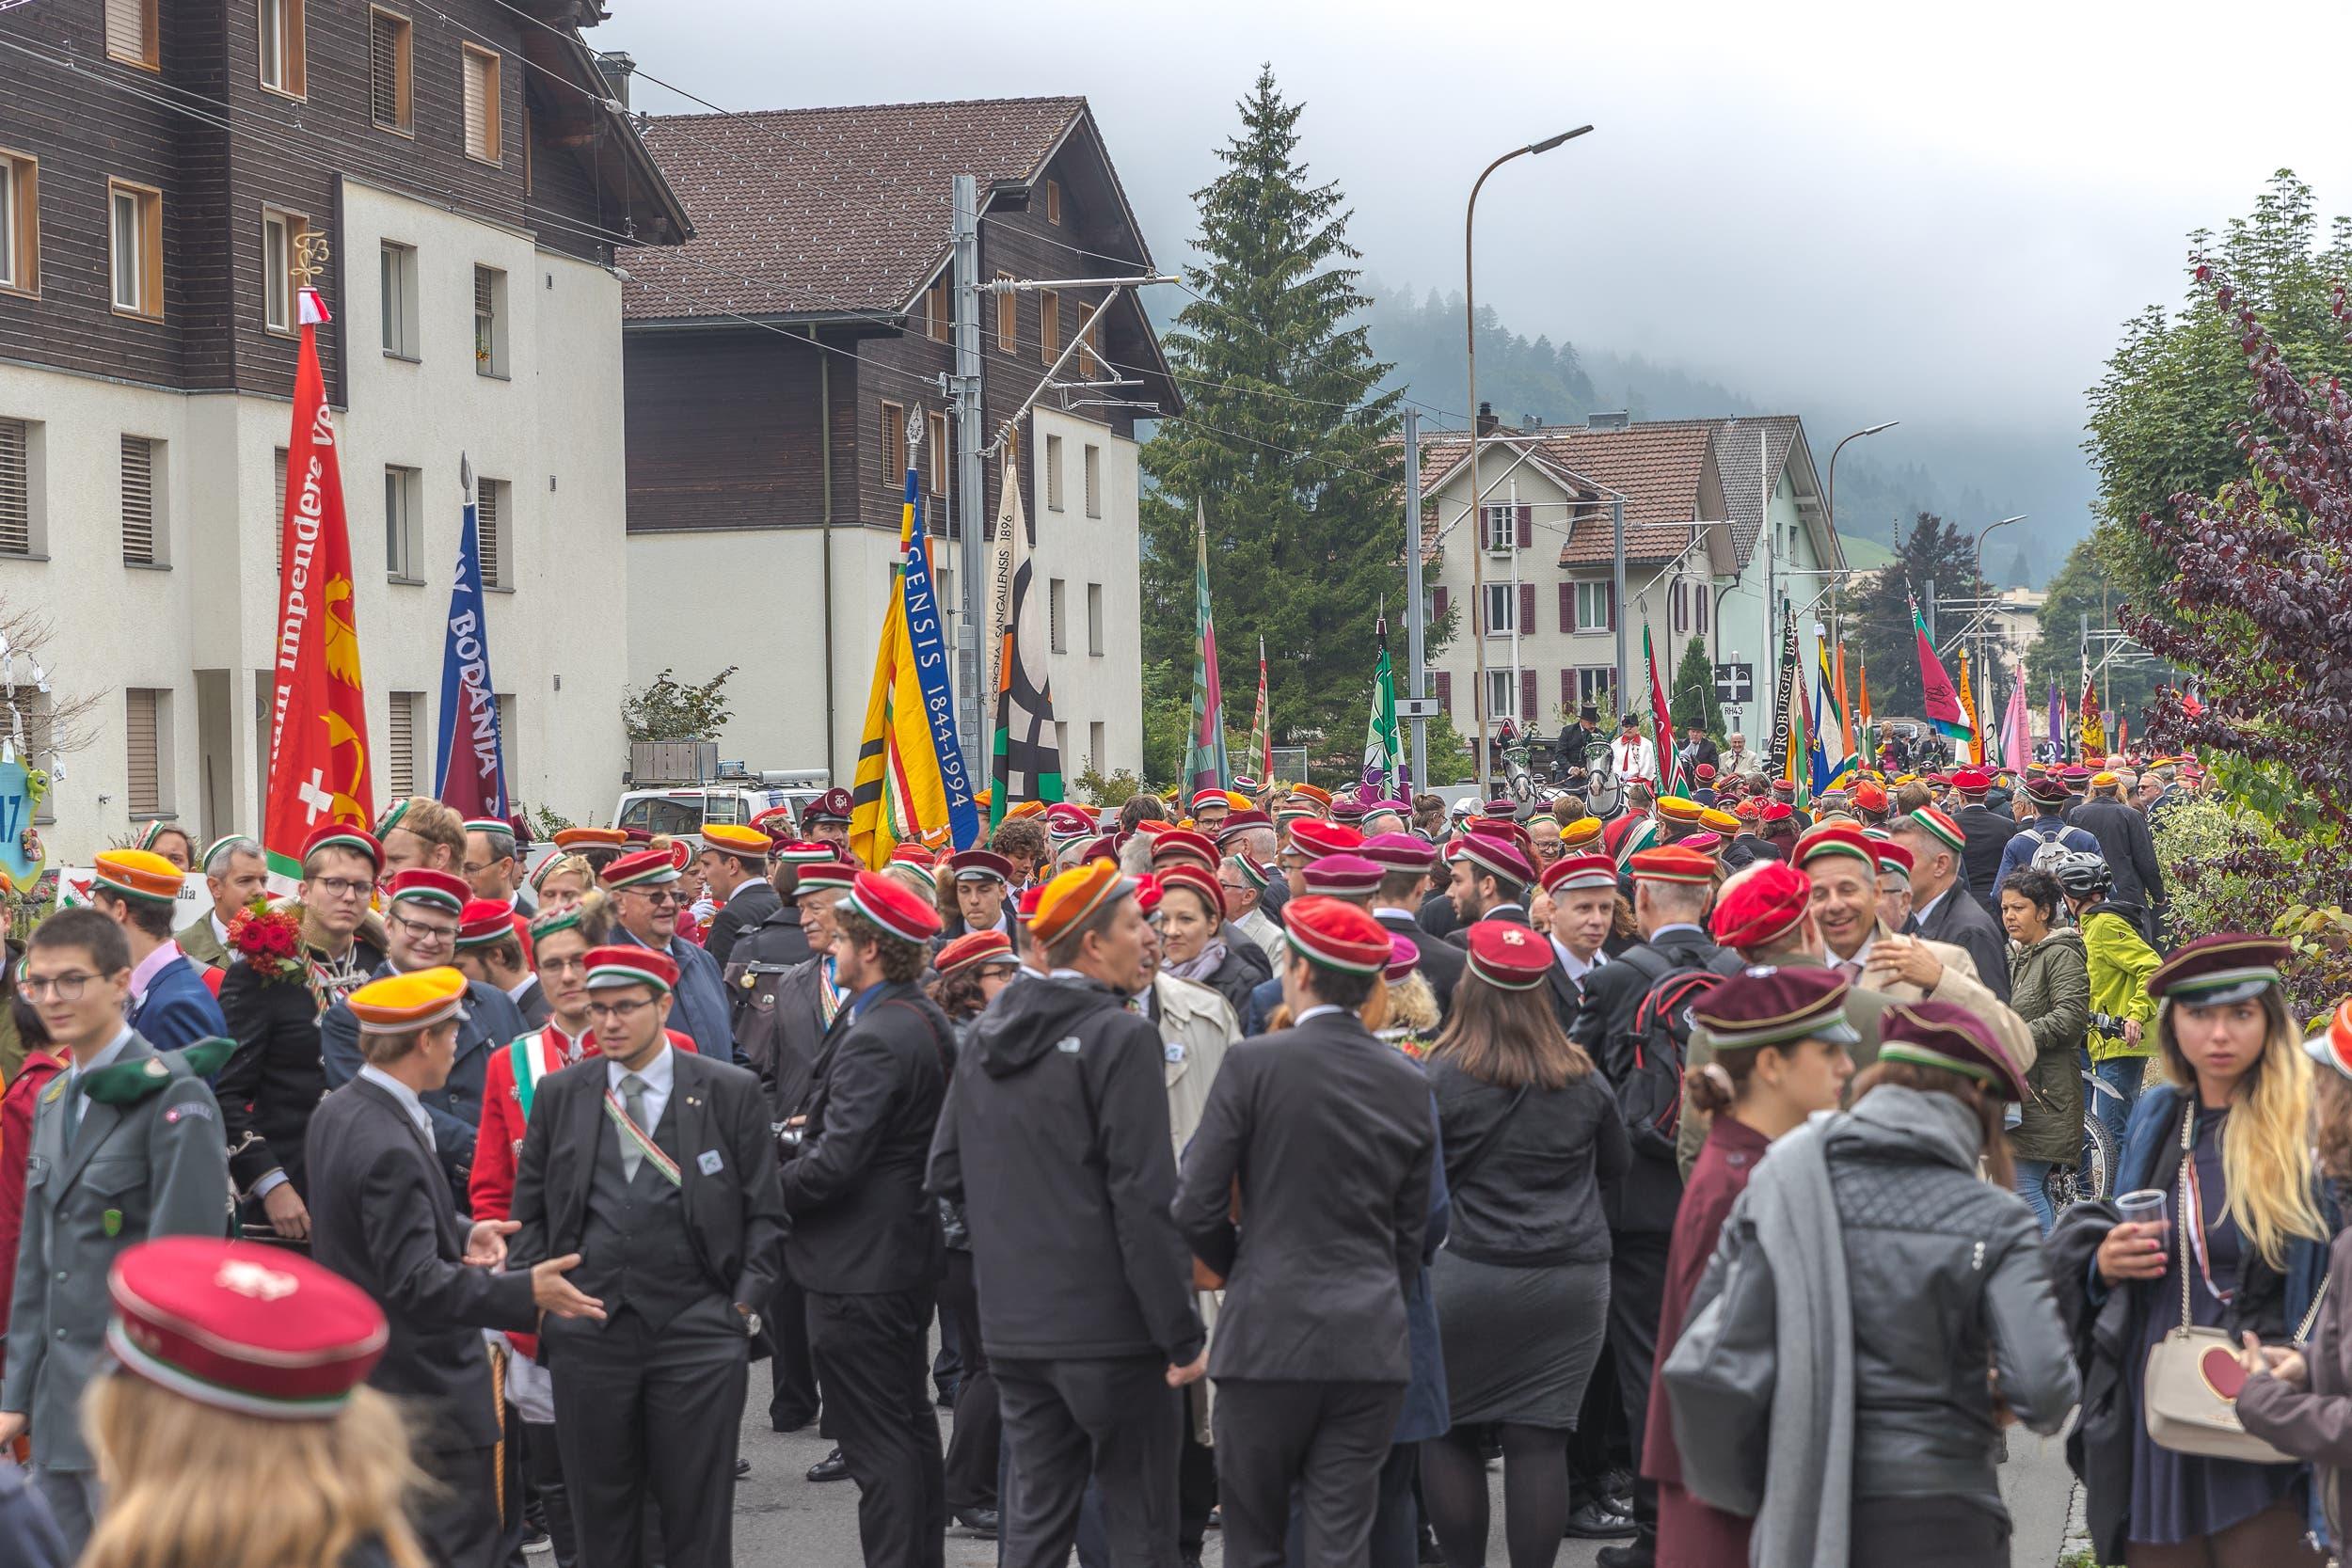 Impressionen vom Zentralfest des Schweizerischen Studentenvereins in Engelberg. (Bilder: Daniel Lüthi, Engelberg, 2. September 2018)